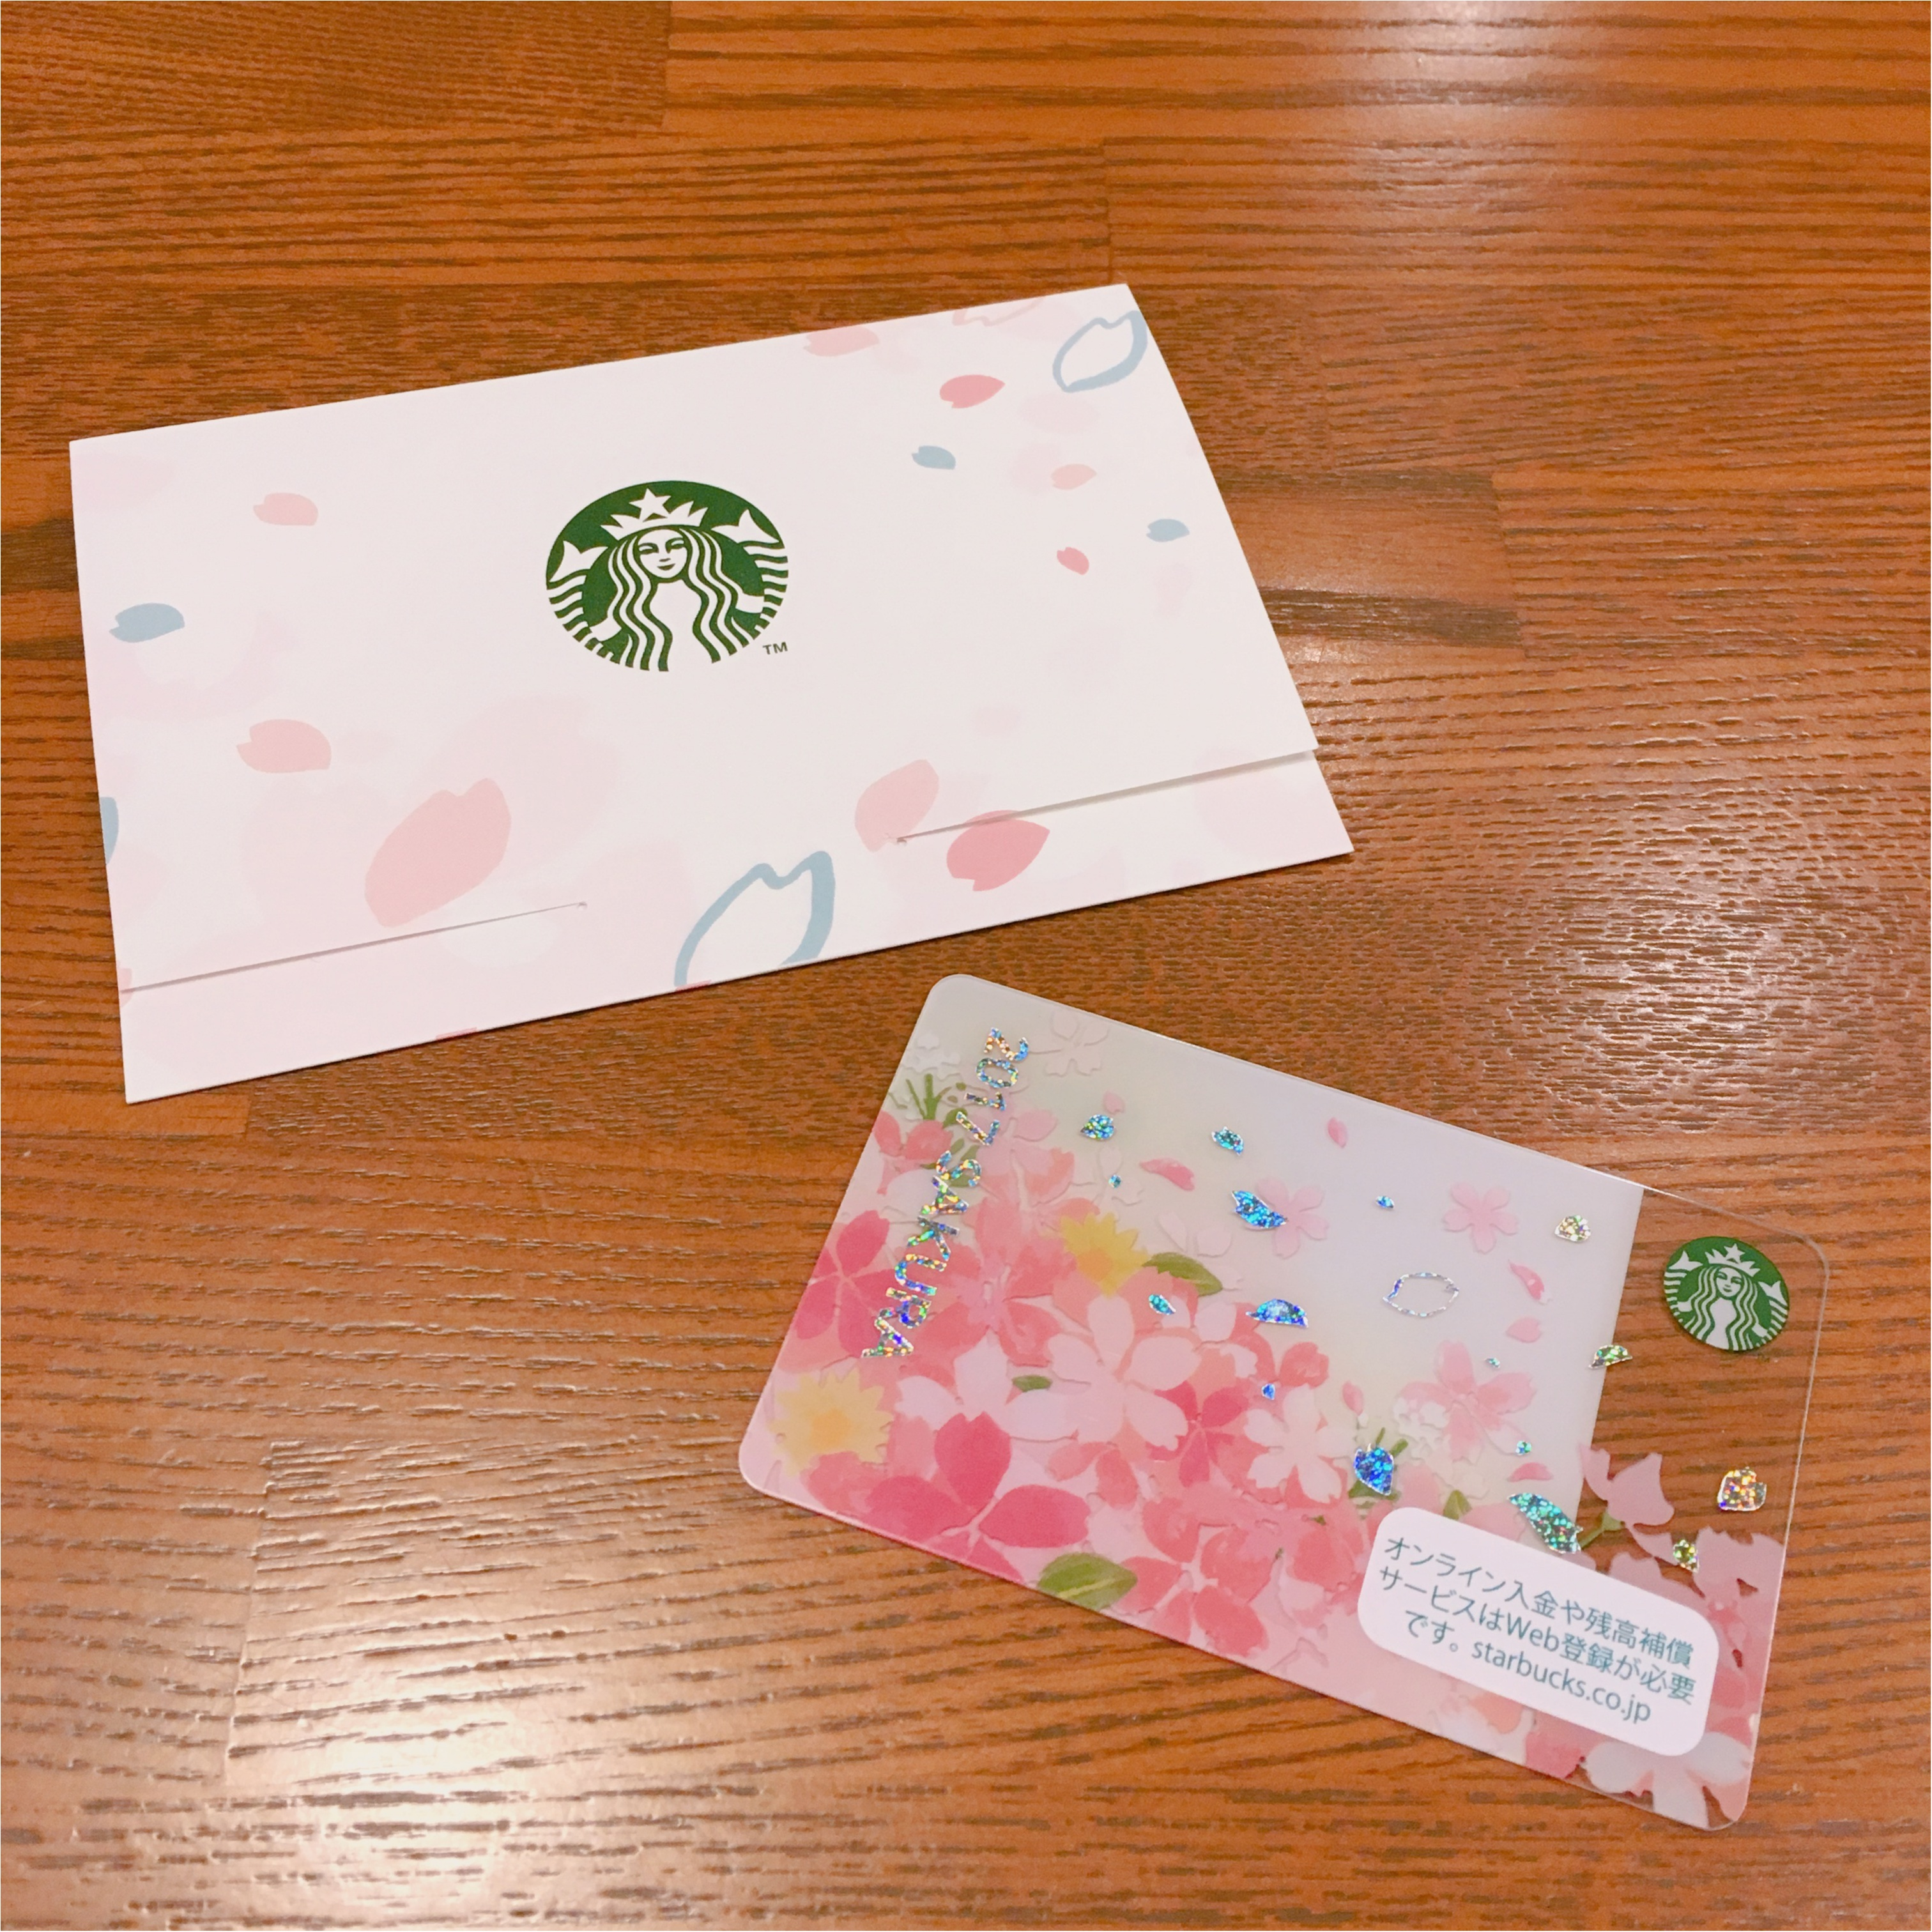 【 期間限定の新作 】スターバックスのサクラが2月15日からスタート ♡♡ 人気のスターバックスカードもGetしました!_4